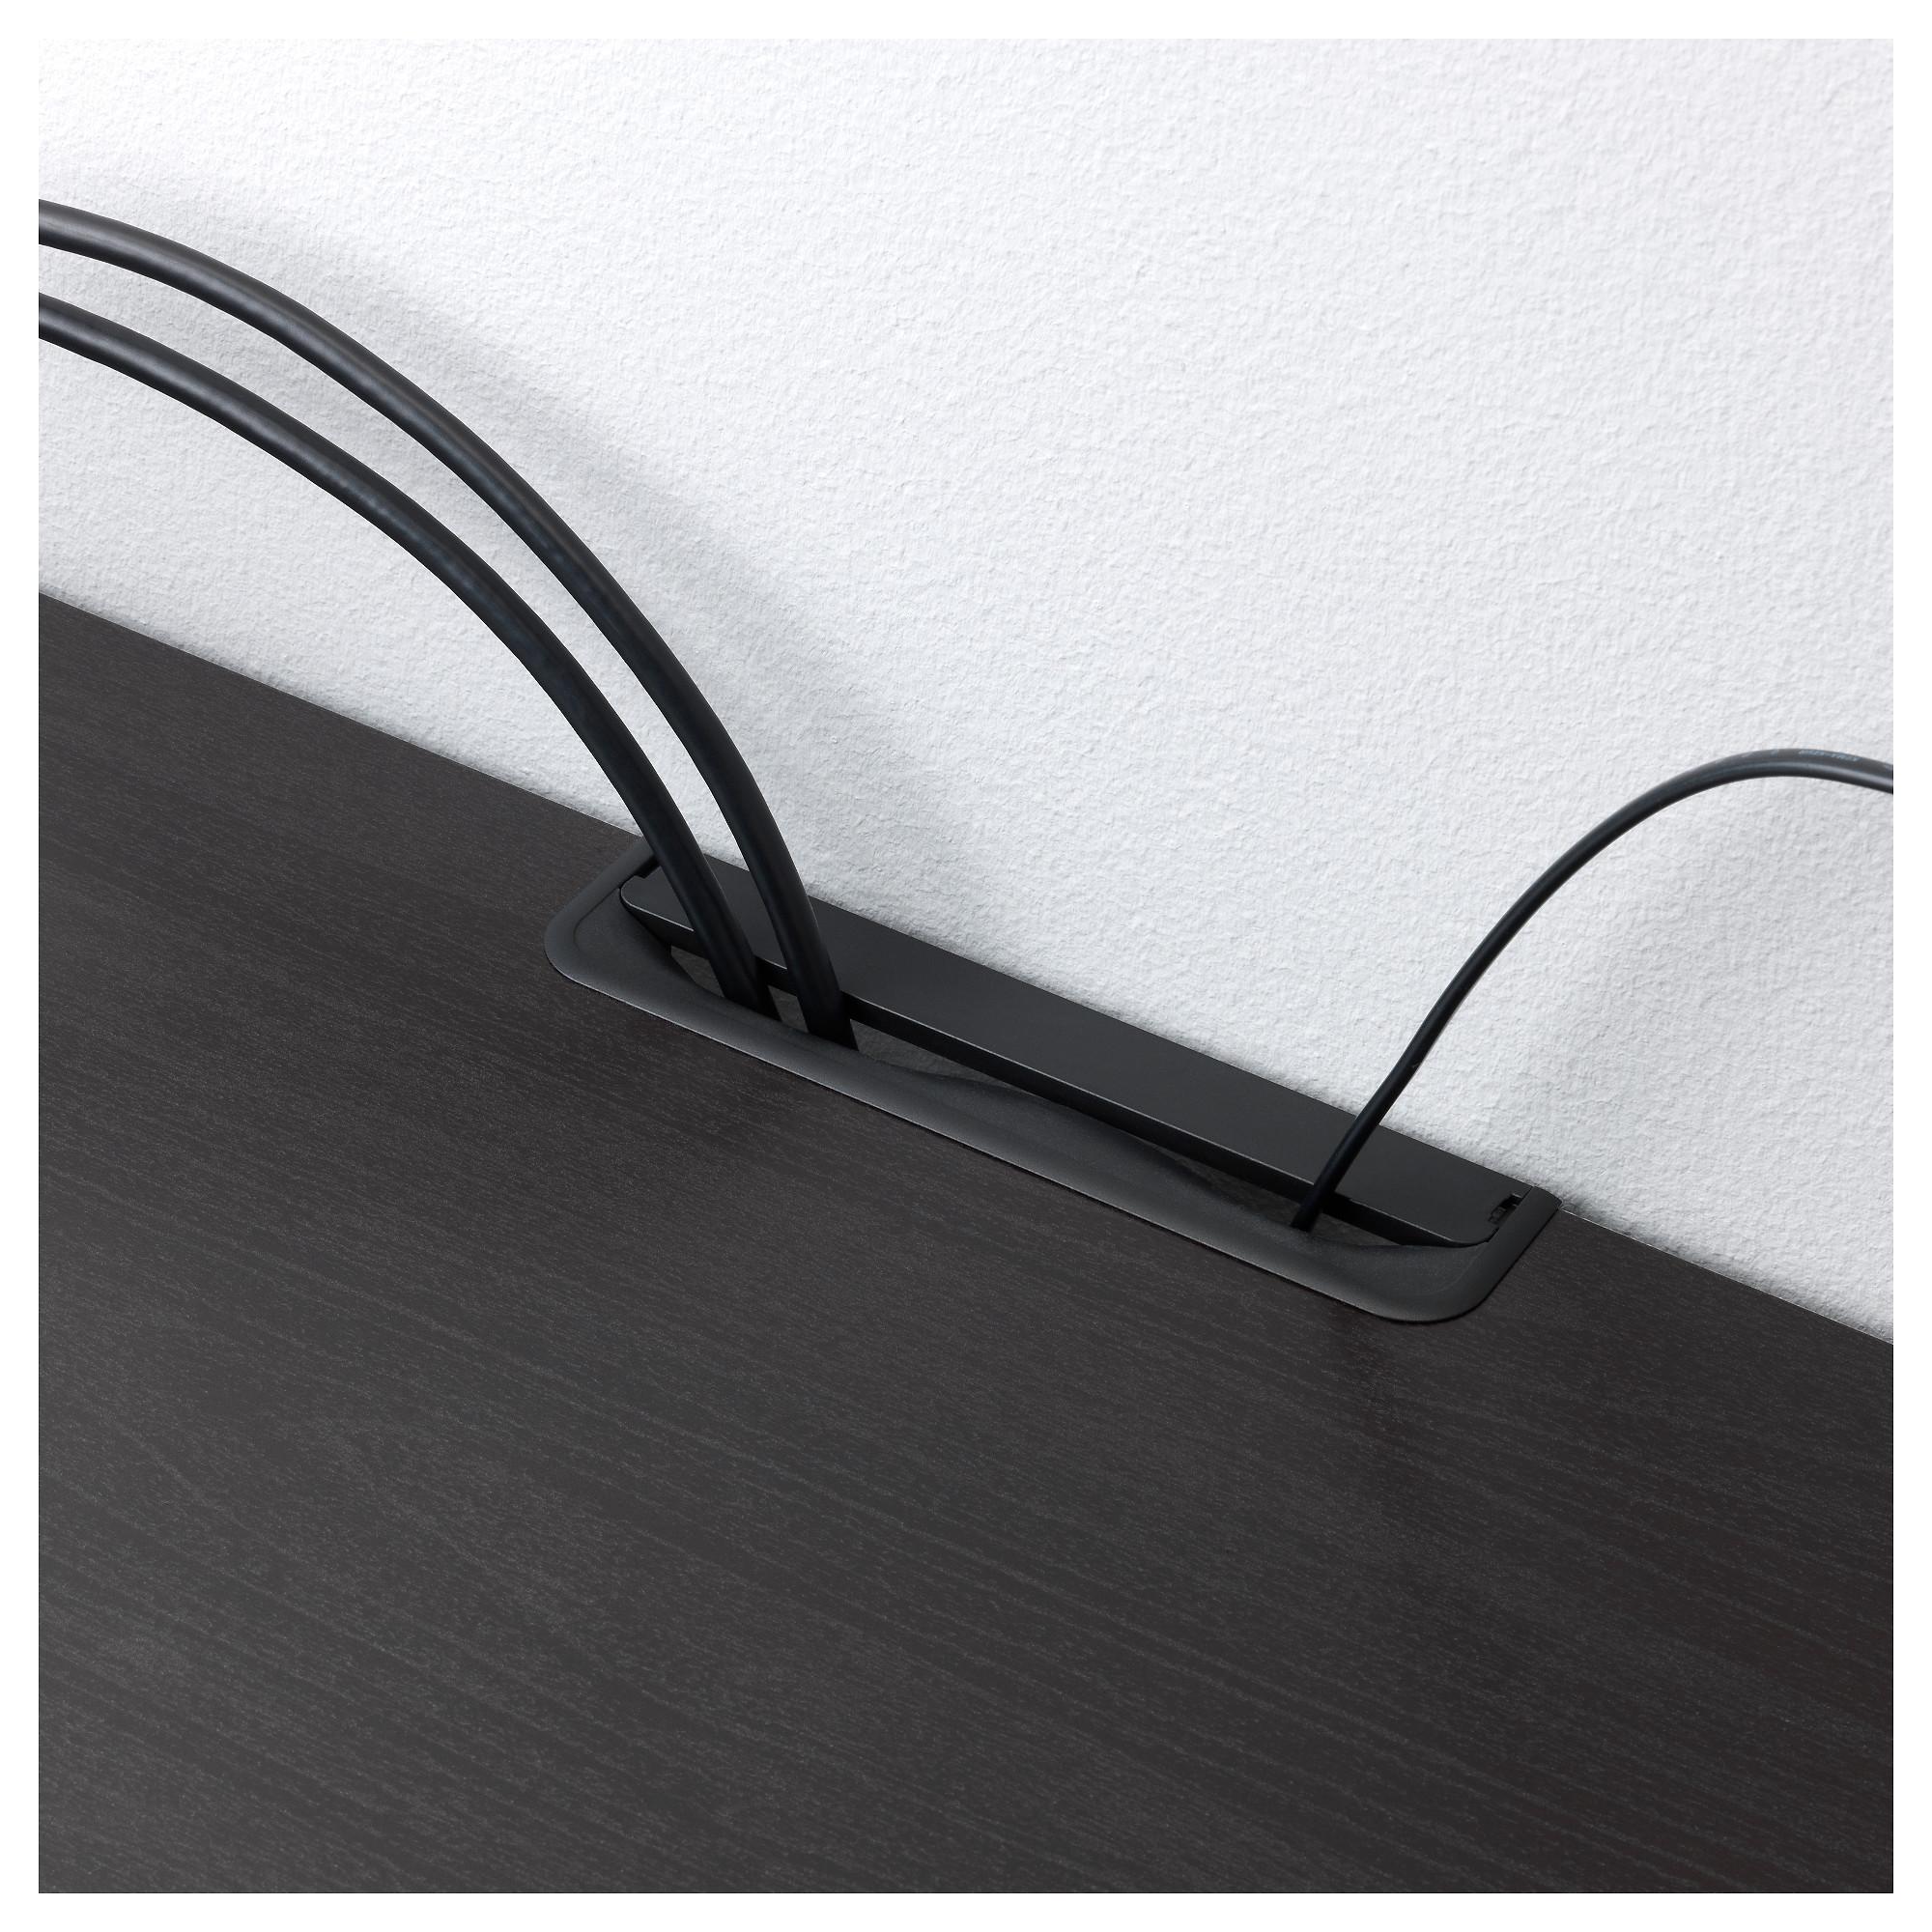 Тумба под ТВ БЕСТО черно-коричневый артикуль № 492.503.80 в наличии. Онлайн магазин IKEA РБ. Быстрая доставка и монтаж.